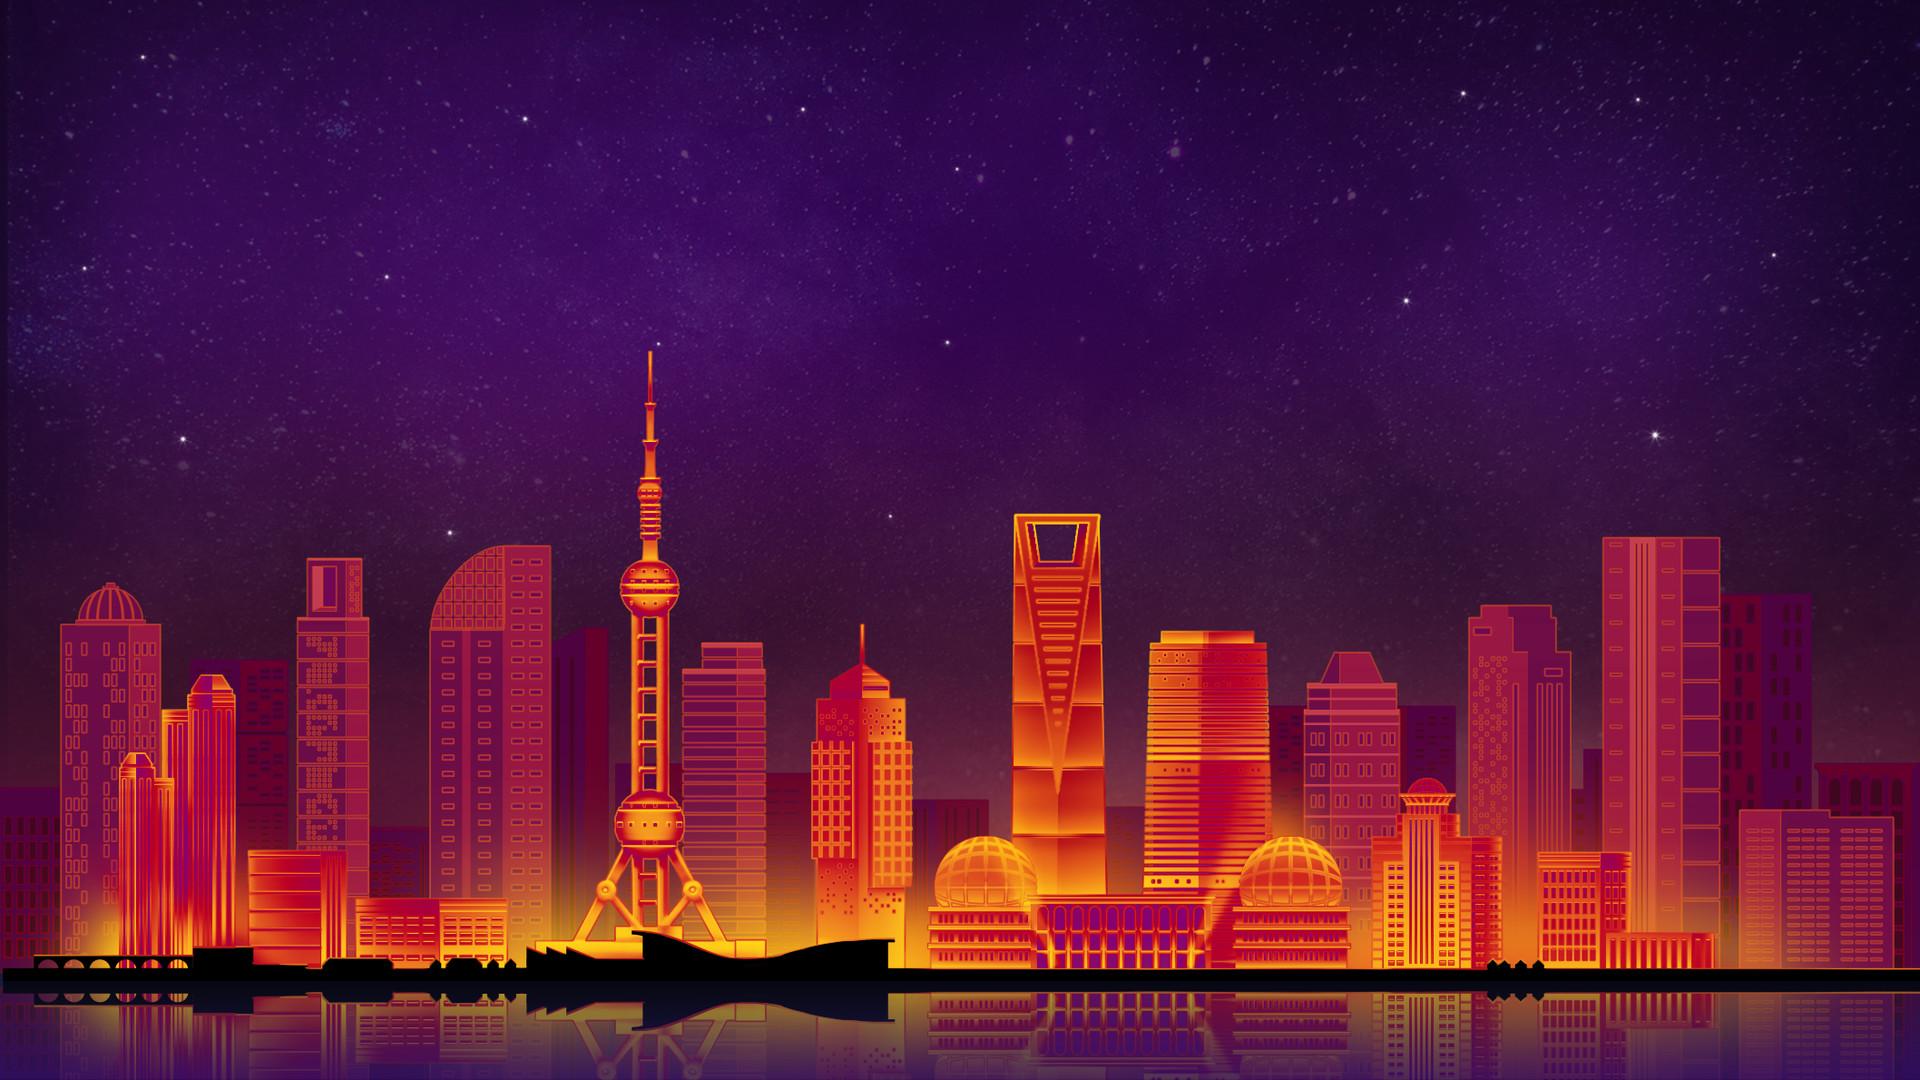 Caio perez shangai city